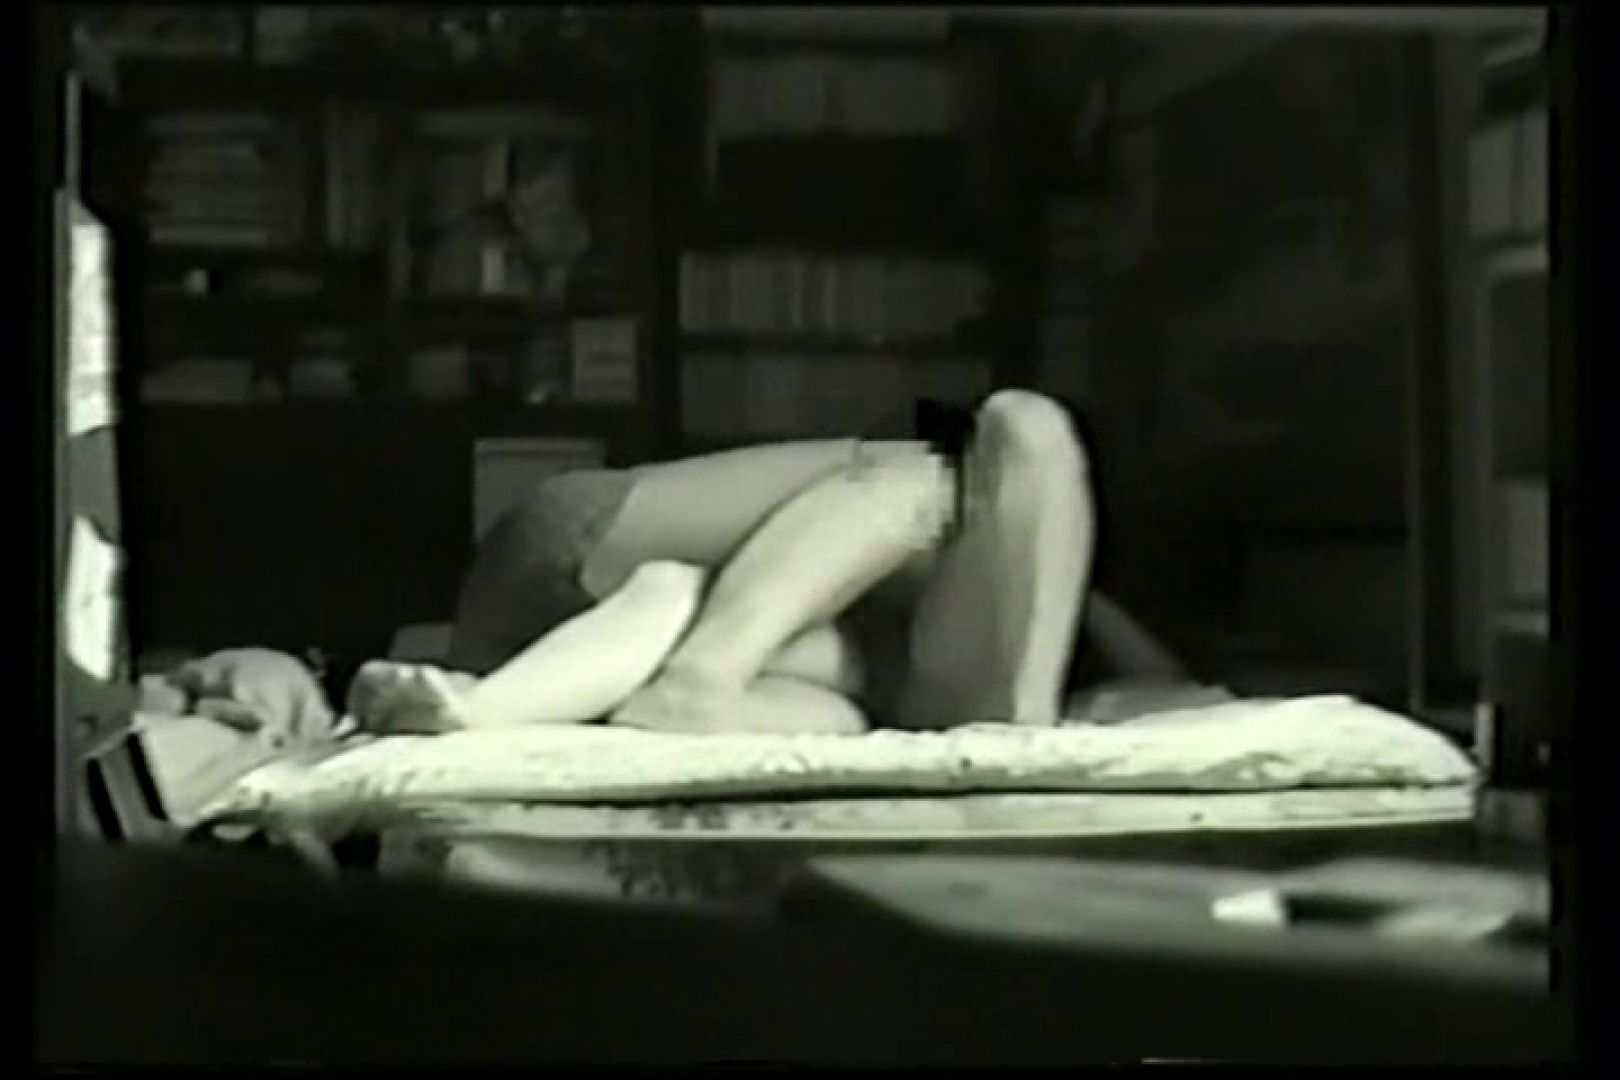 素人嬢をホテルに連れ込みアンナ事・コンナ事!?Vol.5 ホテル  92枚 4